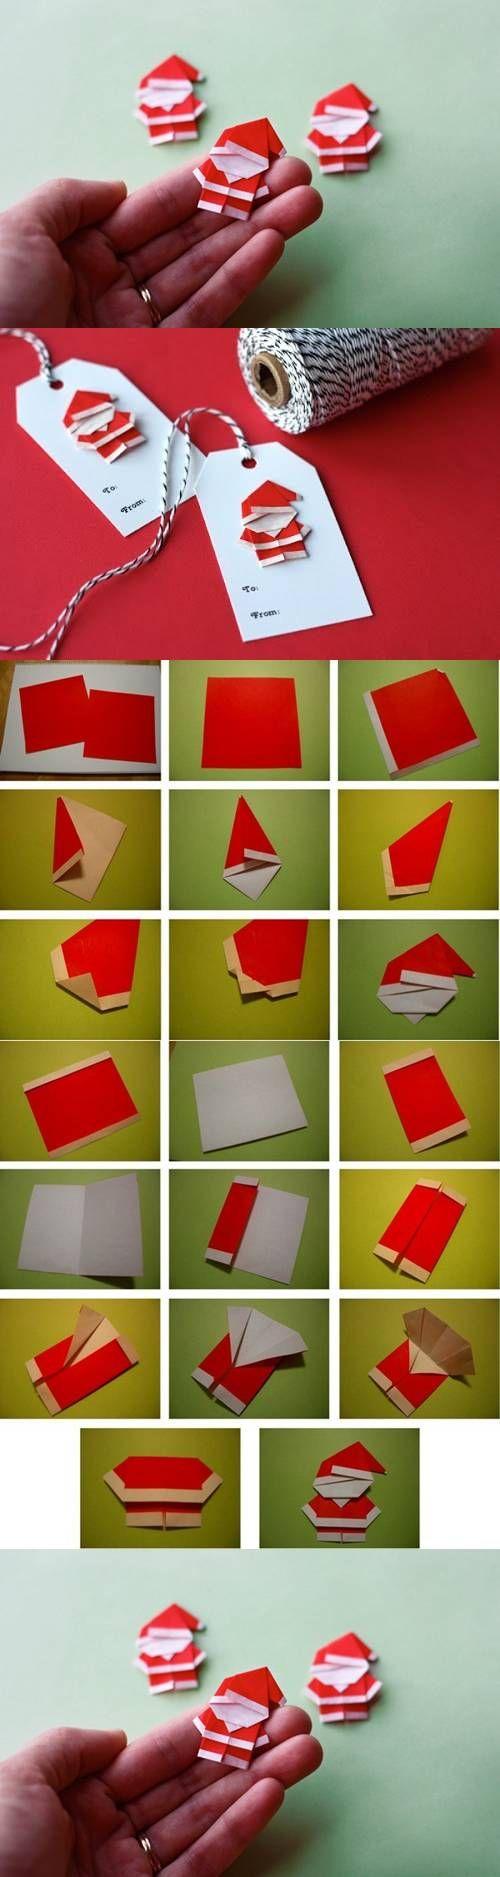 DIY Cute Paper Origami Santa Claus | weihnachten | Pinterest ...